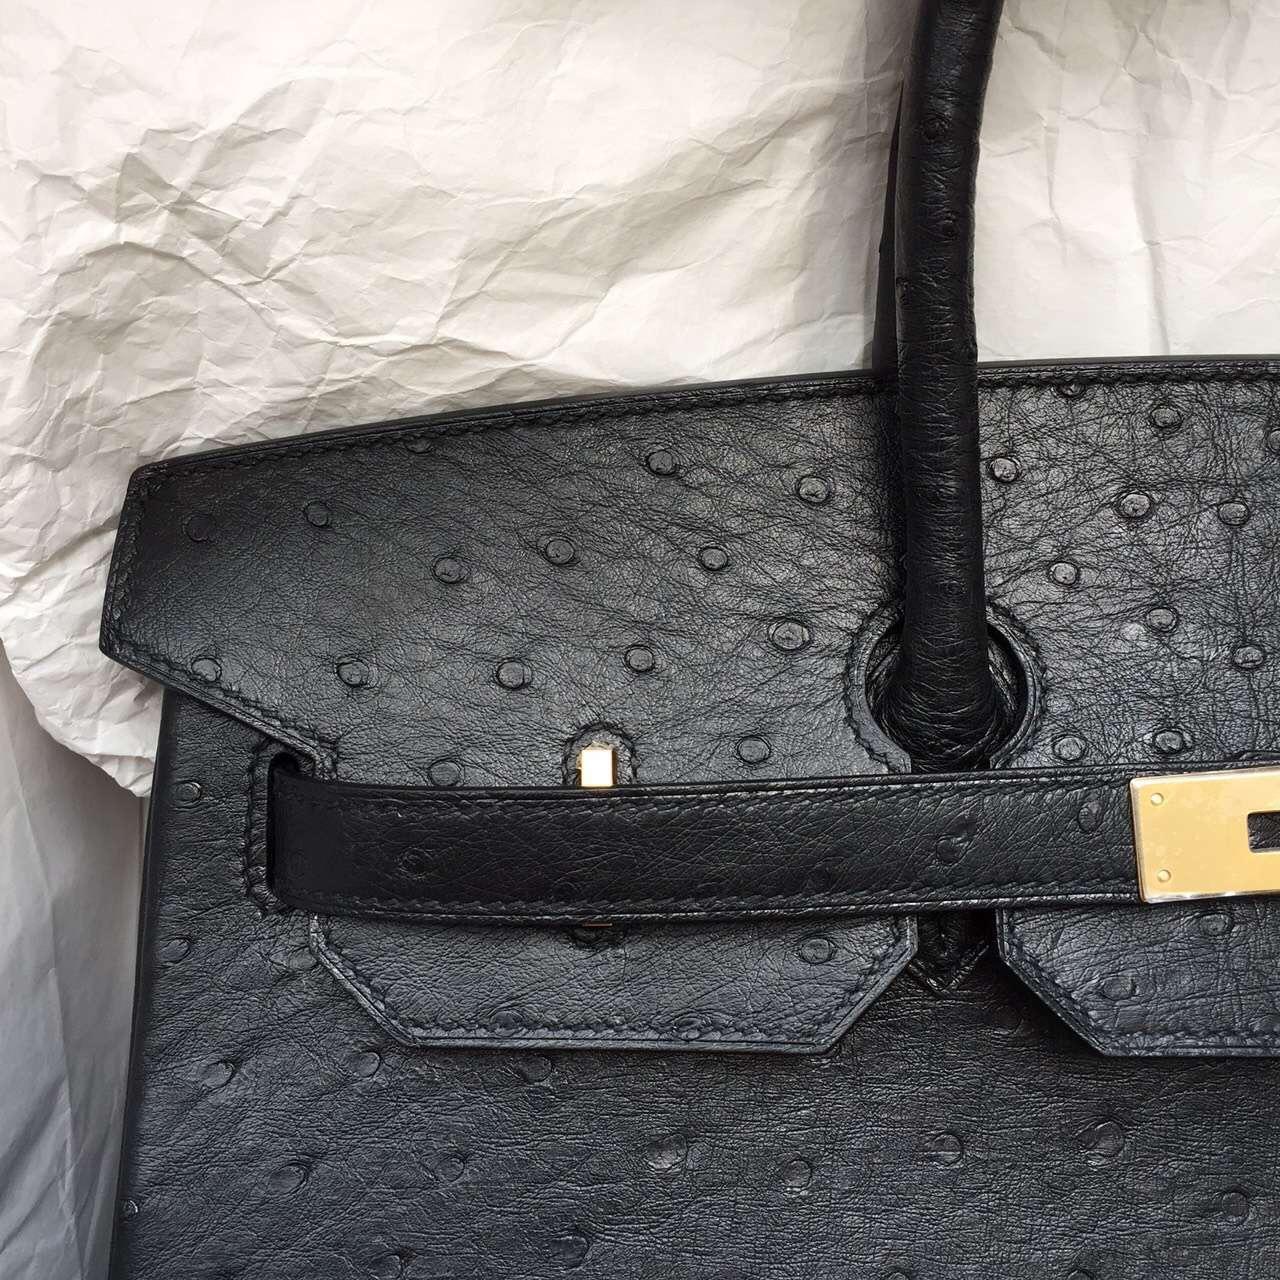 Online Store Hermes Black Ostrich Leather Birkin Bag 35CM Gold Hardware